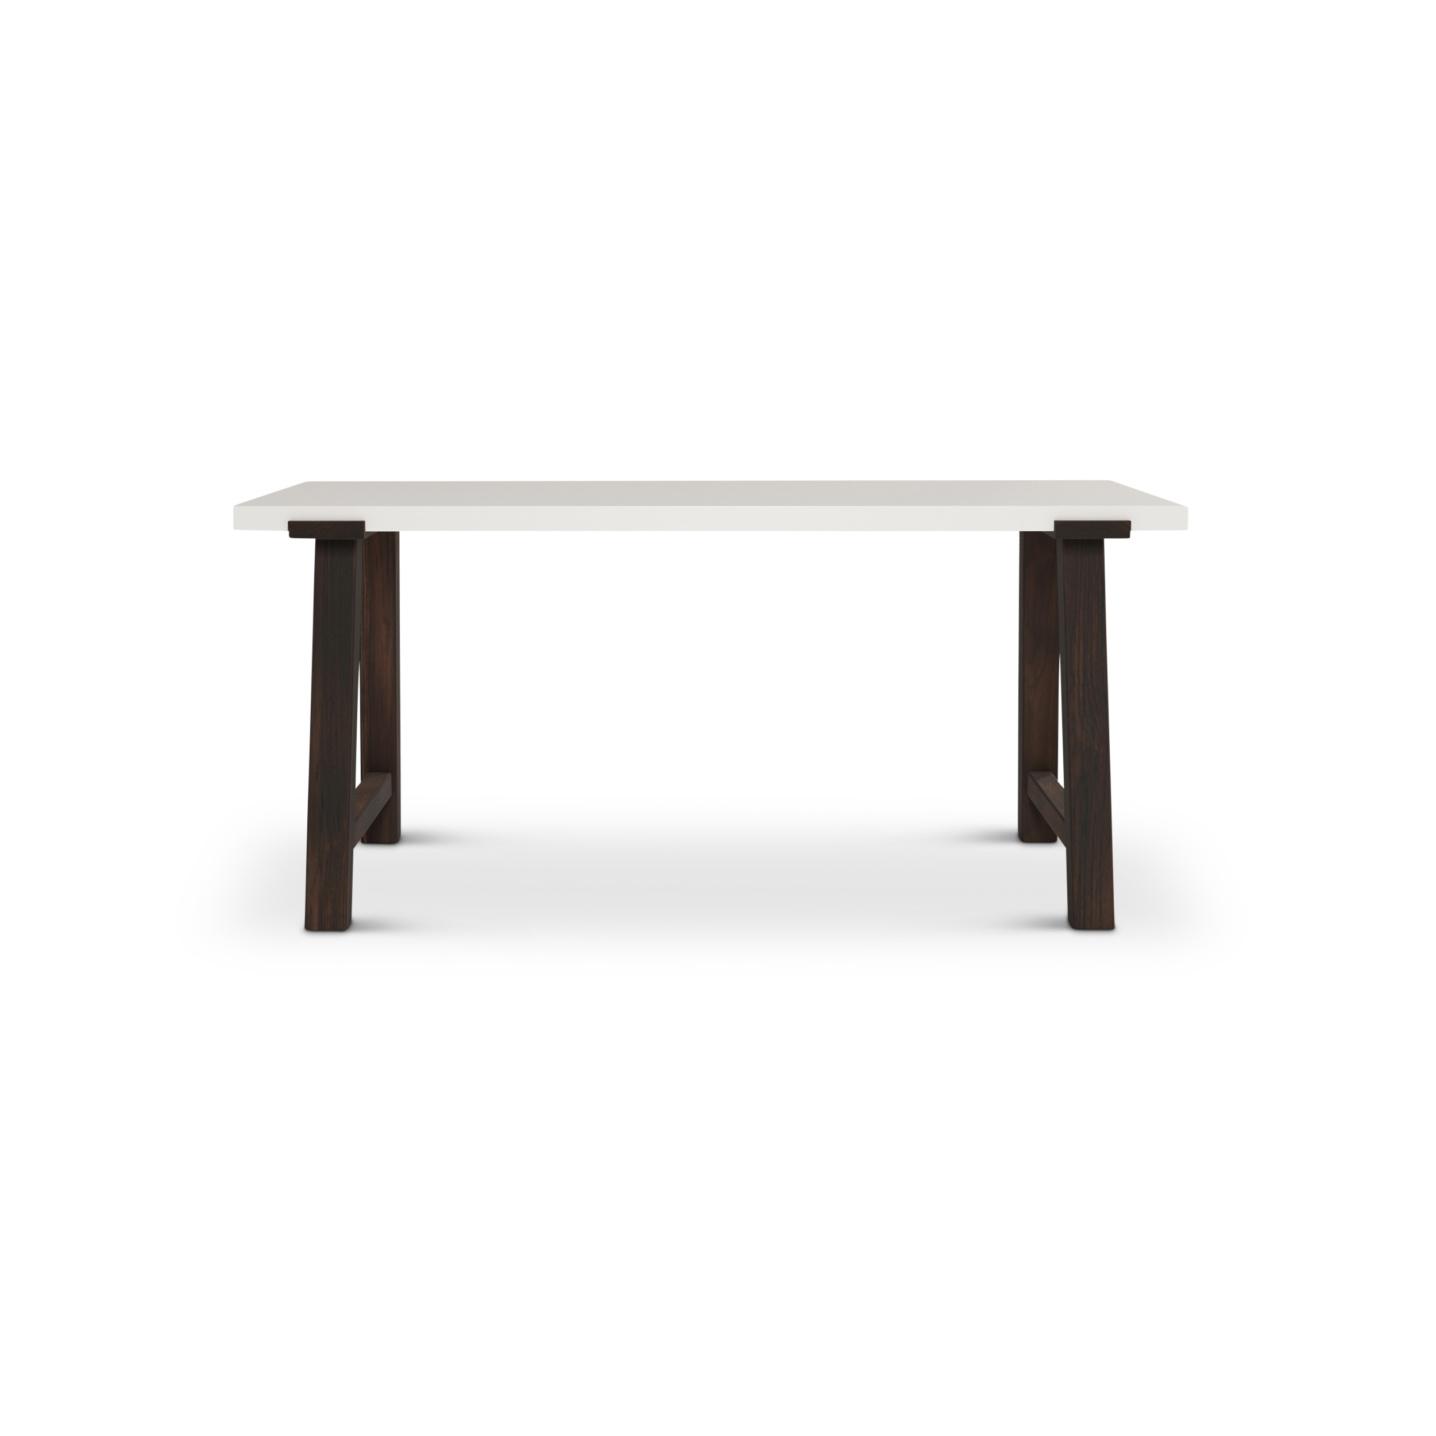 Putlen modern desk with a white top